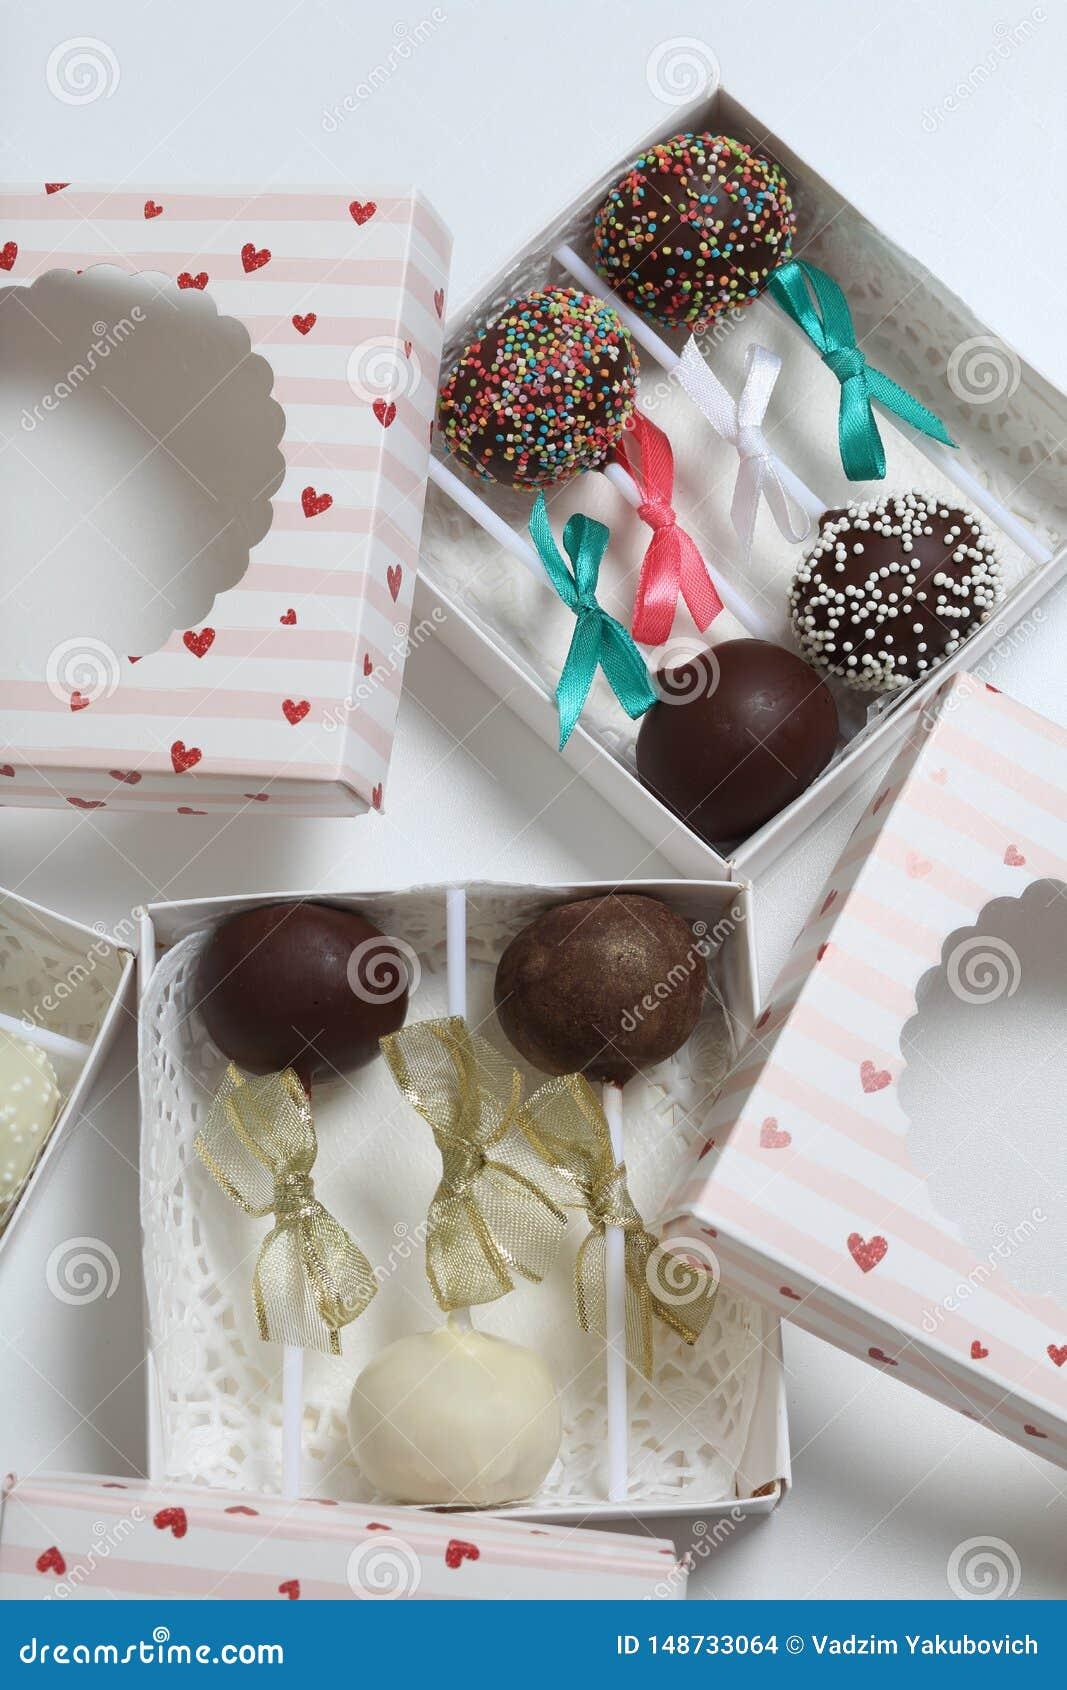 PNF do bolo decorados com uma curva da tran?a, embalada em uma caixa de presente